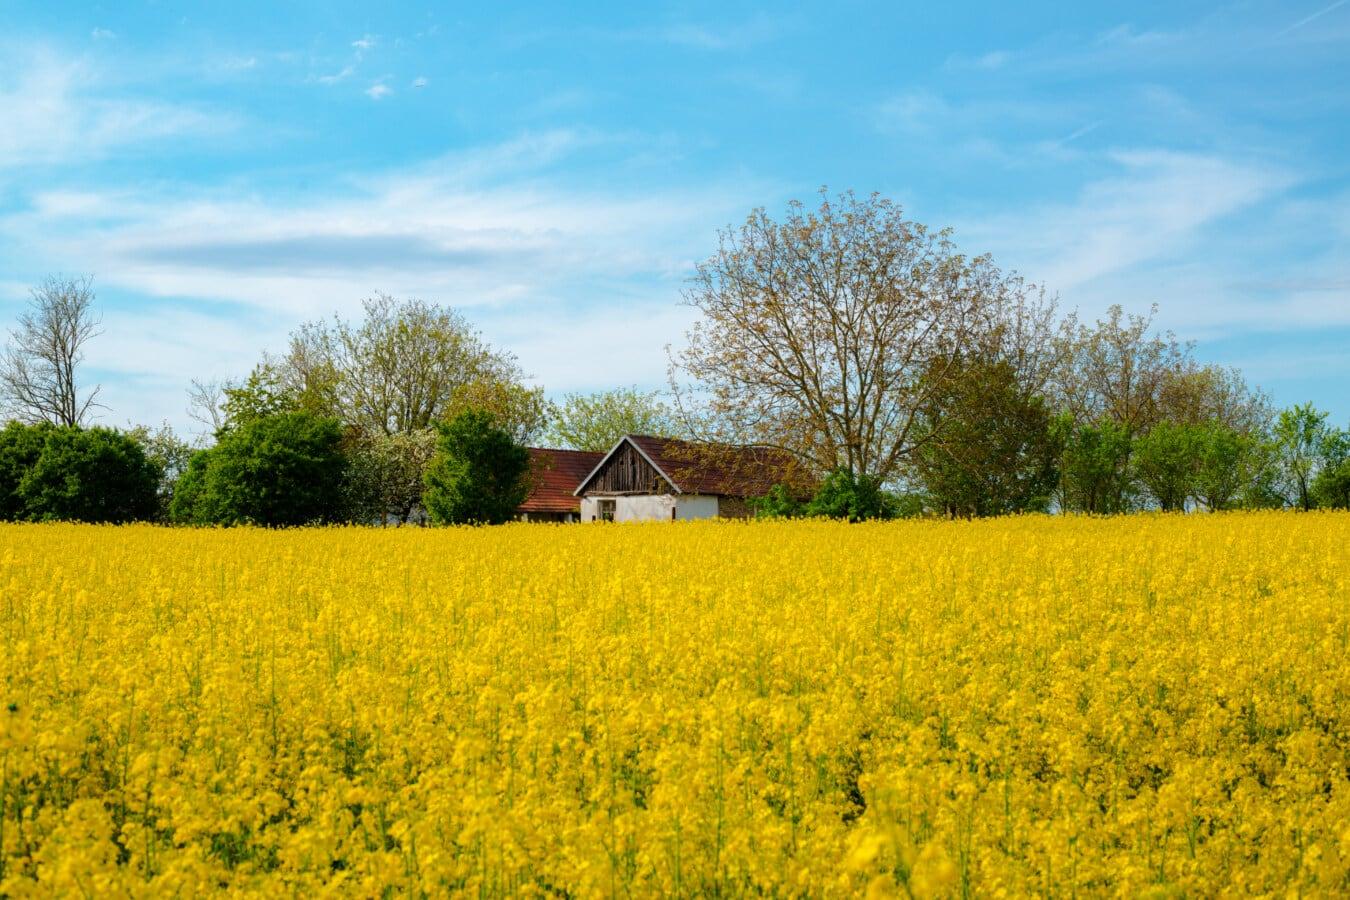 Dorf, Ackerland, Bauernhaus, Sommersaison, Raps, idyllisch, Landwirtschaft, Landschaft, Samen, Wiese